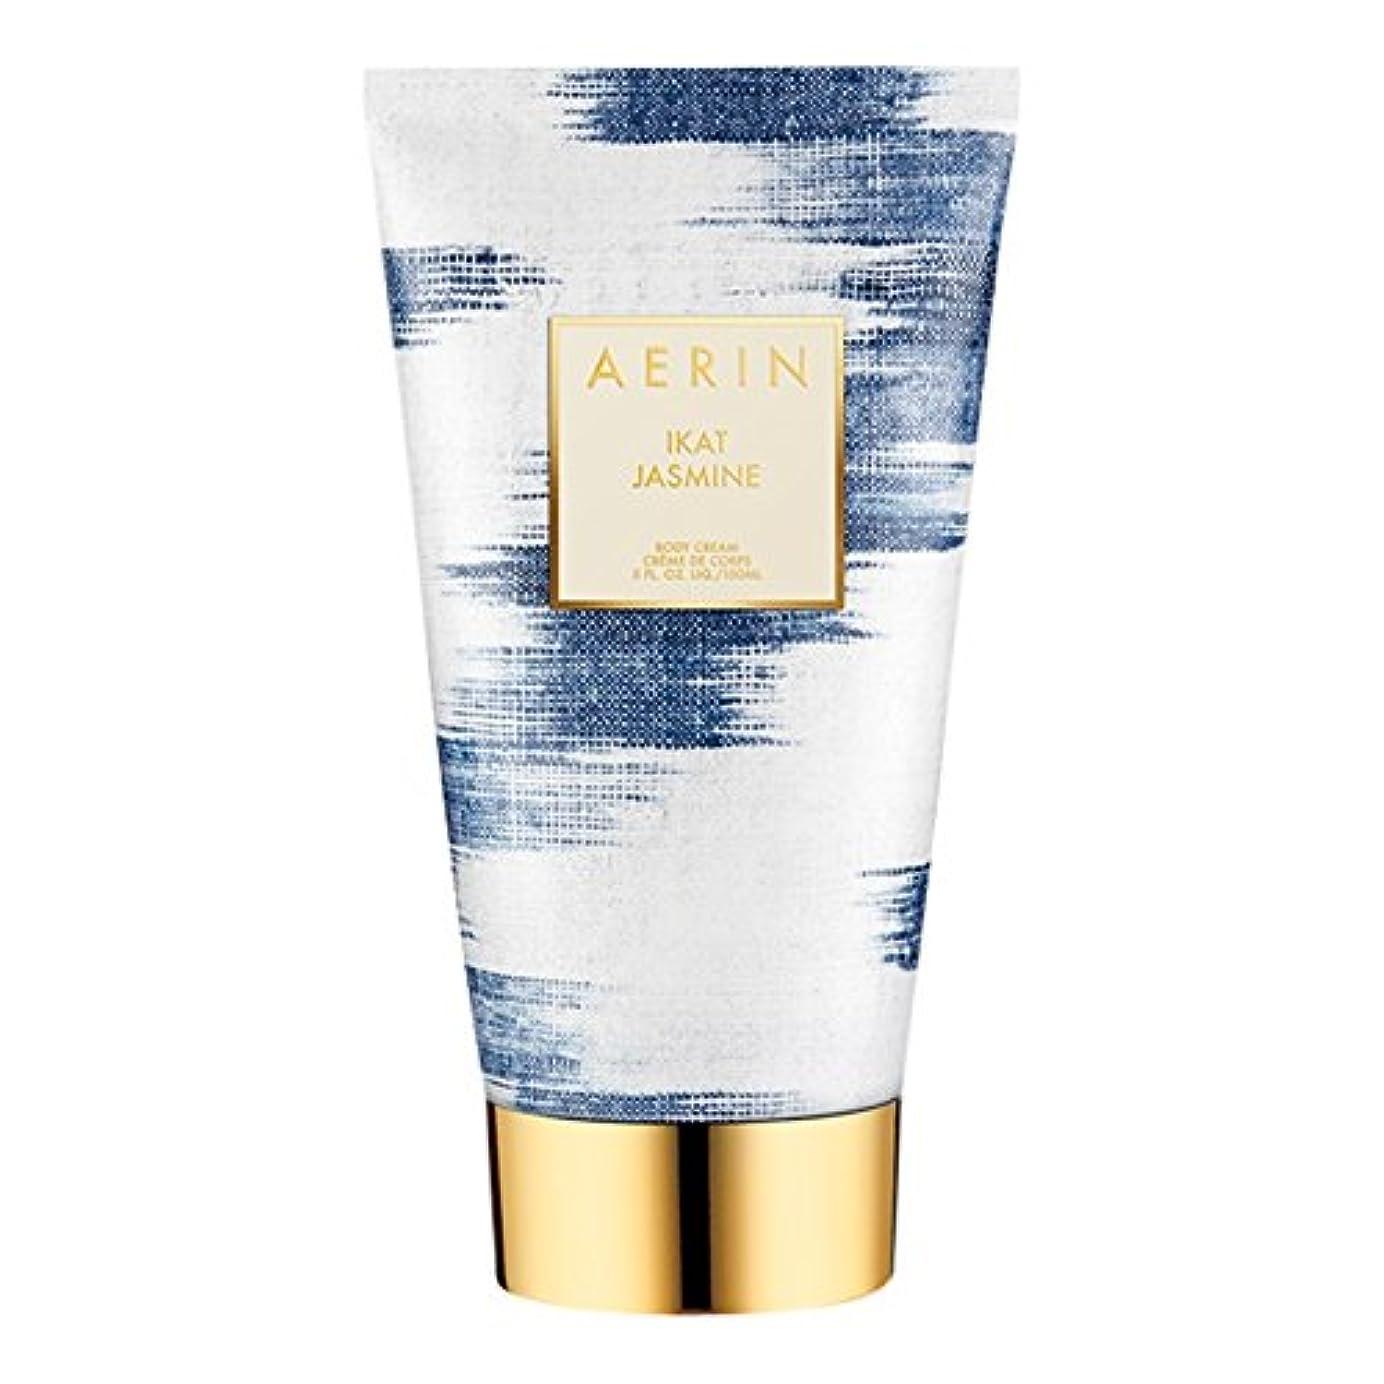 の間でお気に入り世界記録のギネスブックAerinイカットジャスミンボディクリーム150ミリリットル (AERIN) - AERIN Ikat Jasmine Body Cream 150ml [並行輸入品]